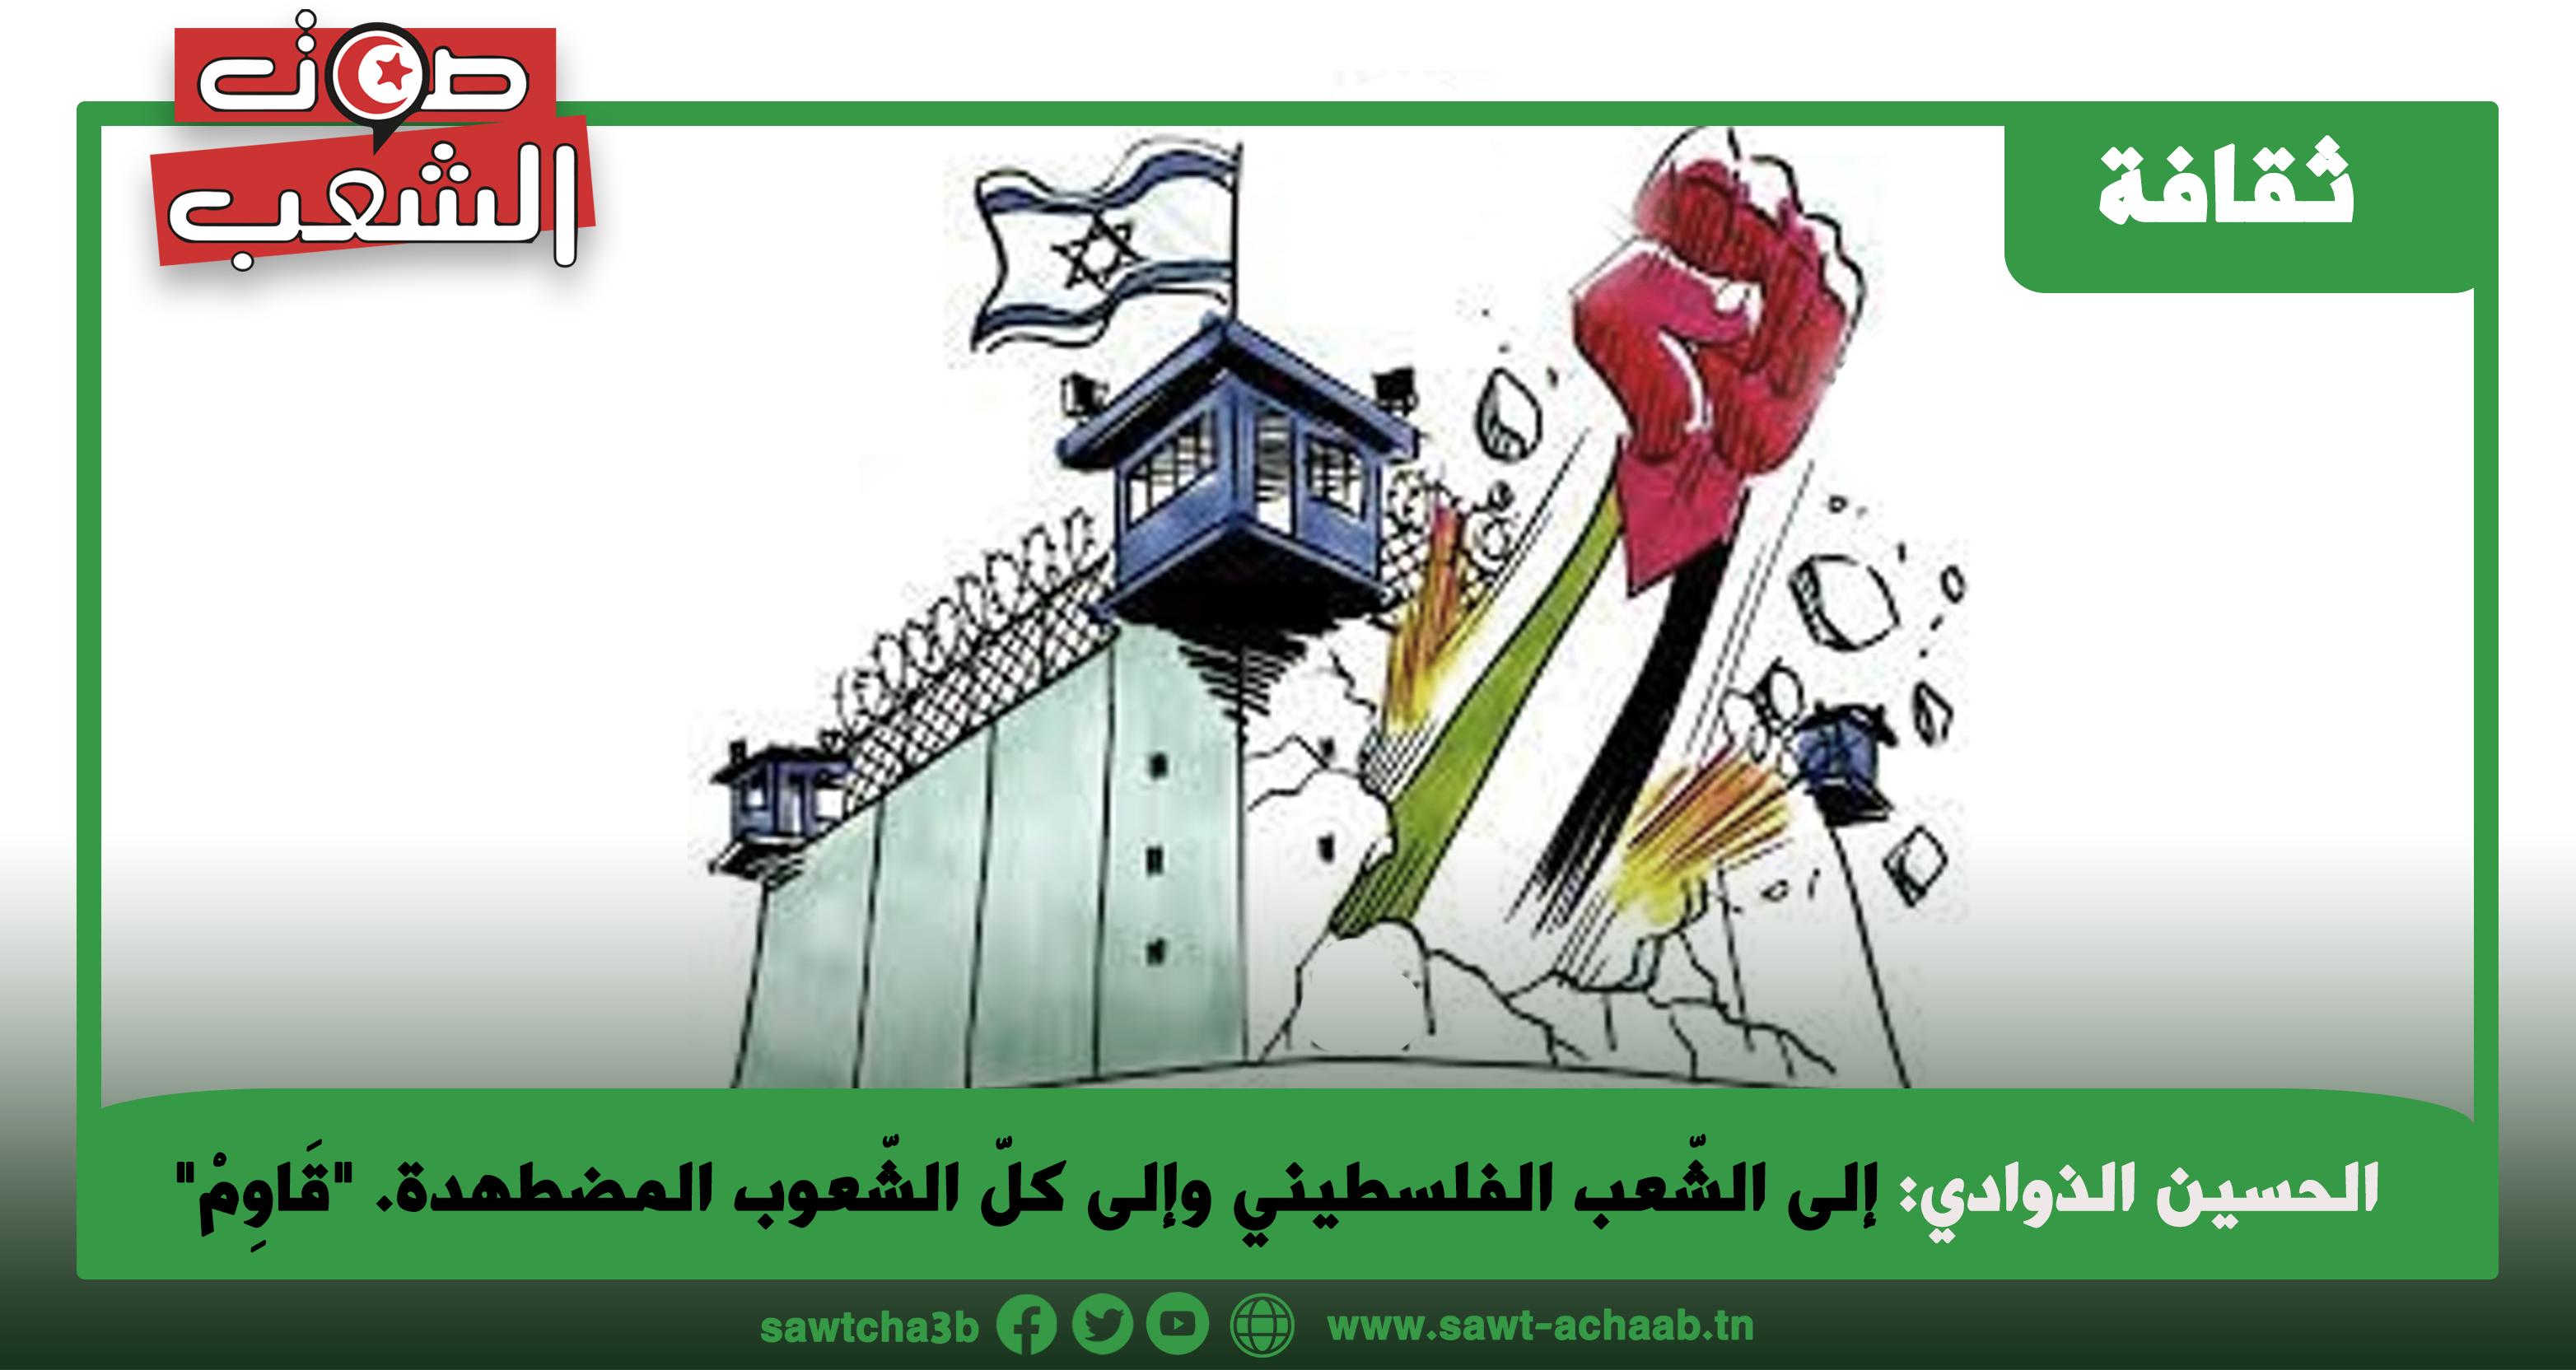 """إلى الشّعب الفلسطيني وإلى كلّ الشّعوب المضطهدة. """"قَاوِمْ"""""""